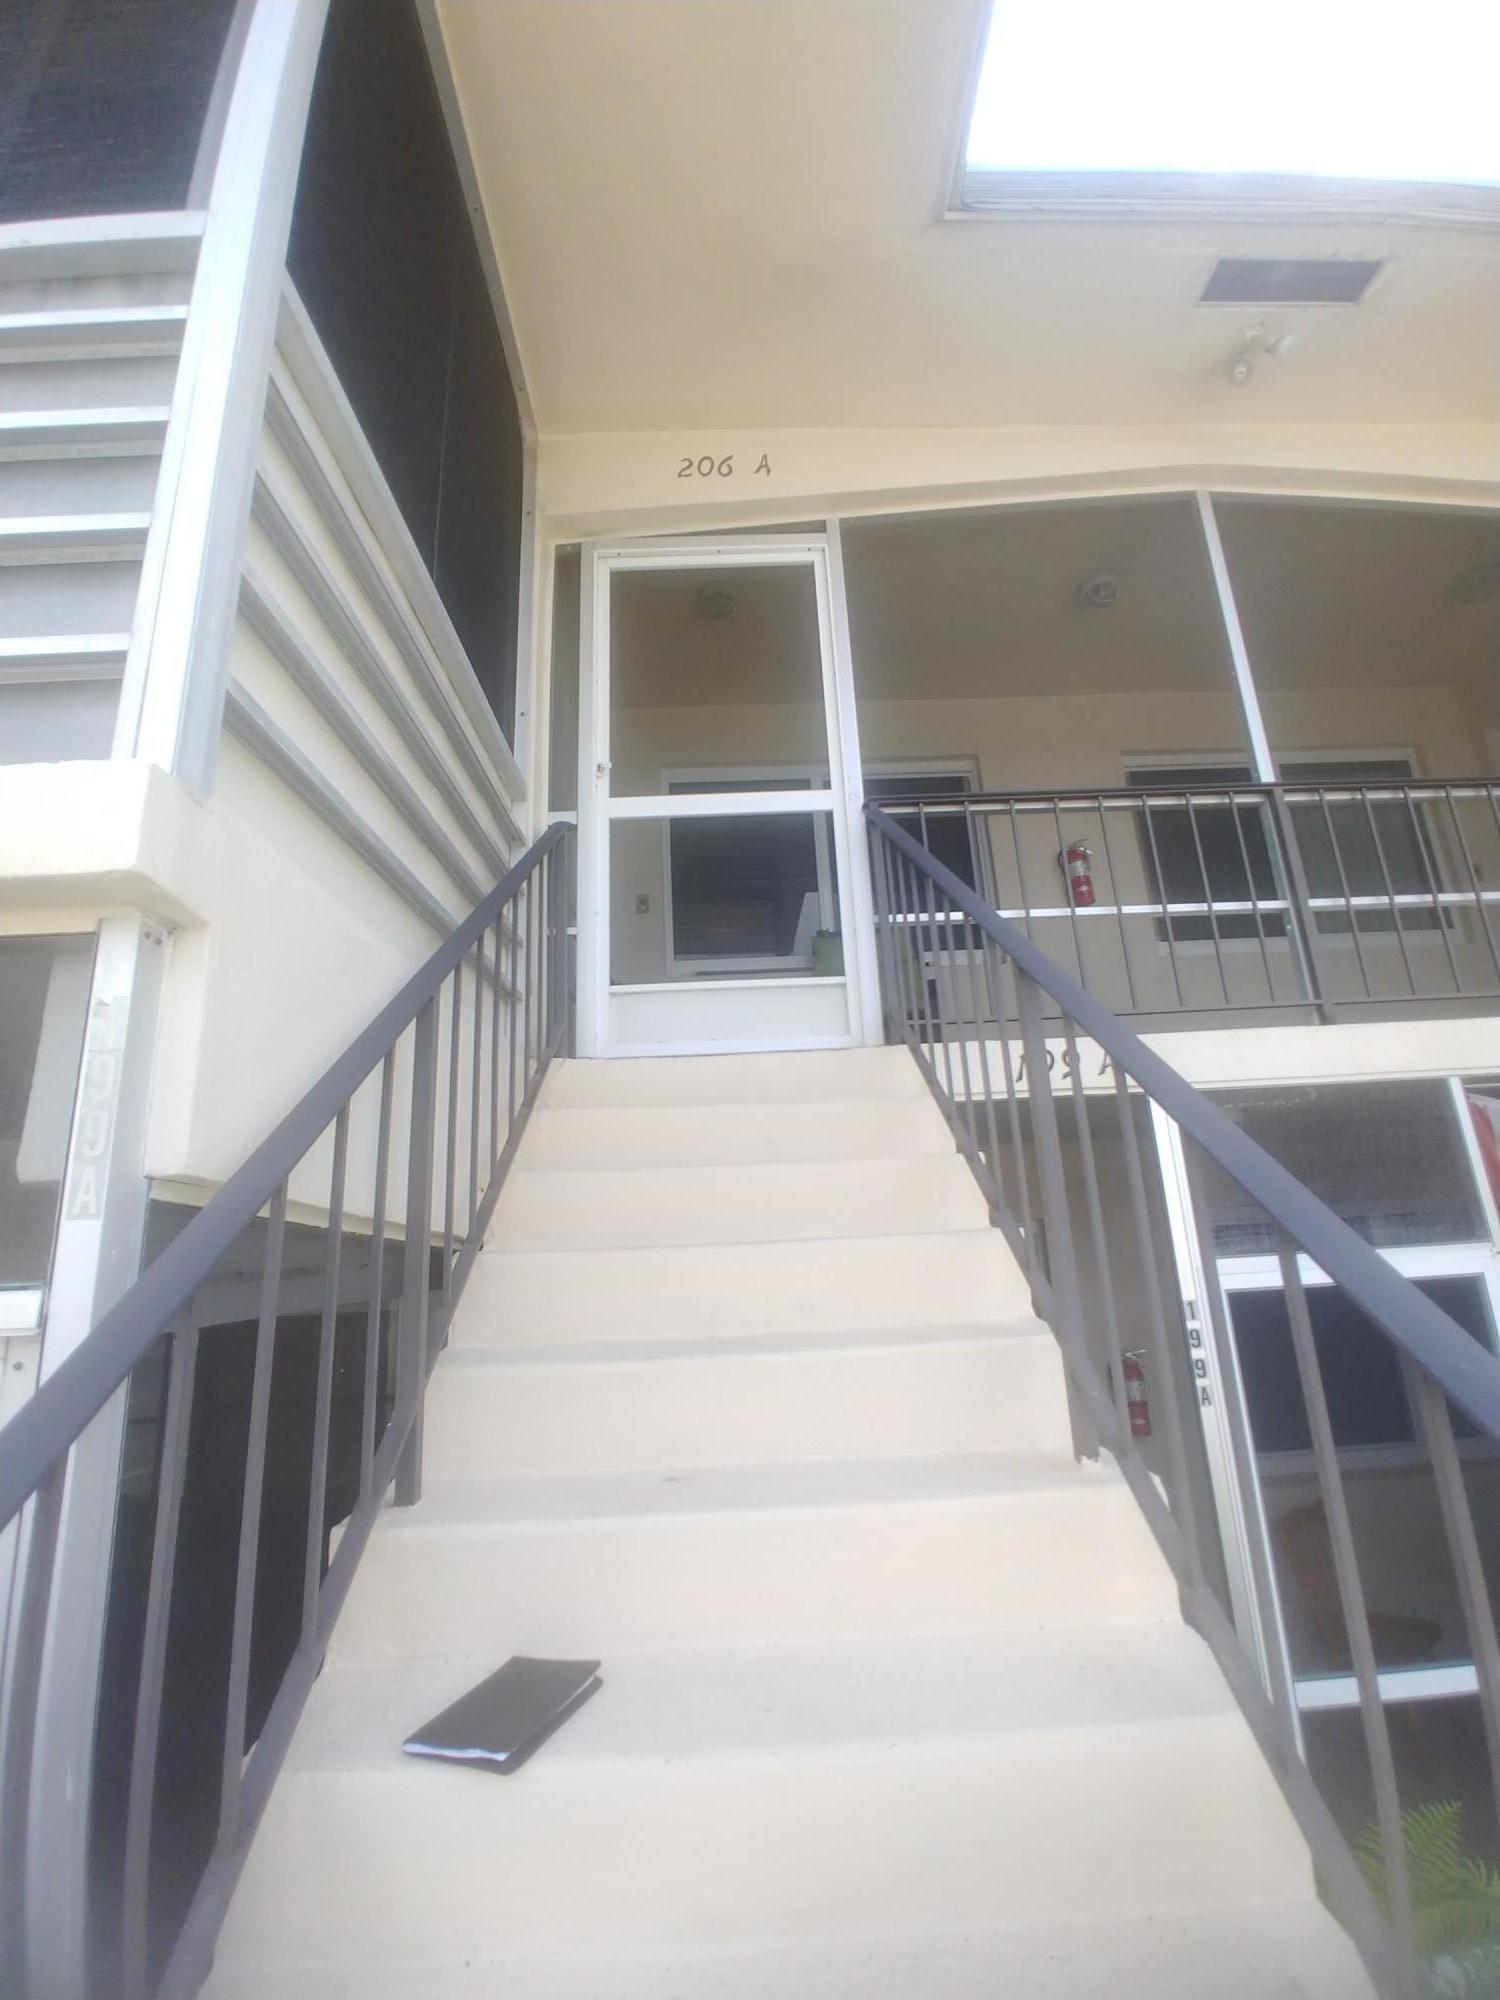 206 A Stratford, West Palm Beach, FL 33417